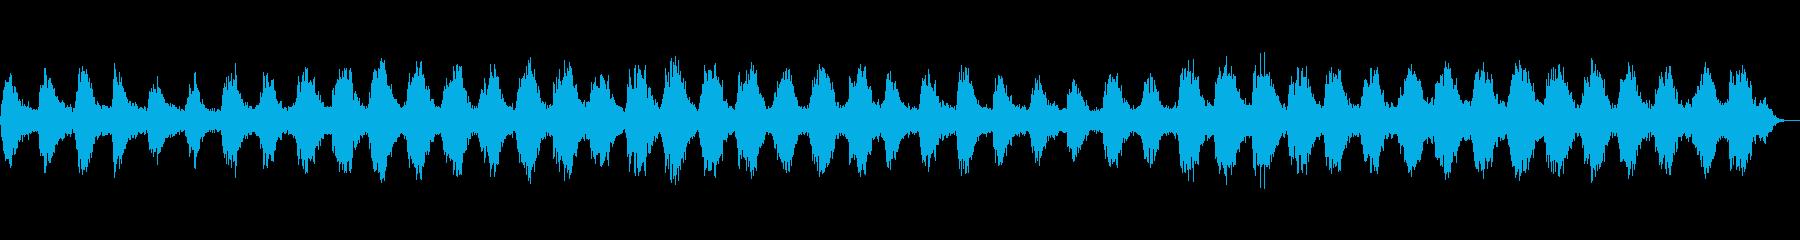 安らぎに満ちた爽やかなサウンドの再生済みの波形